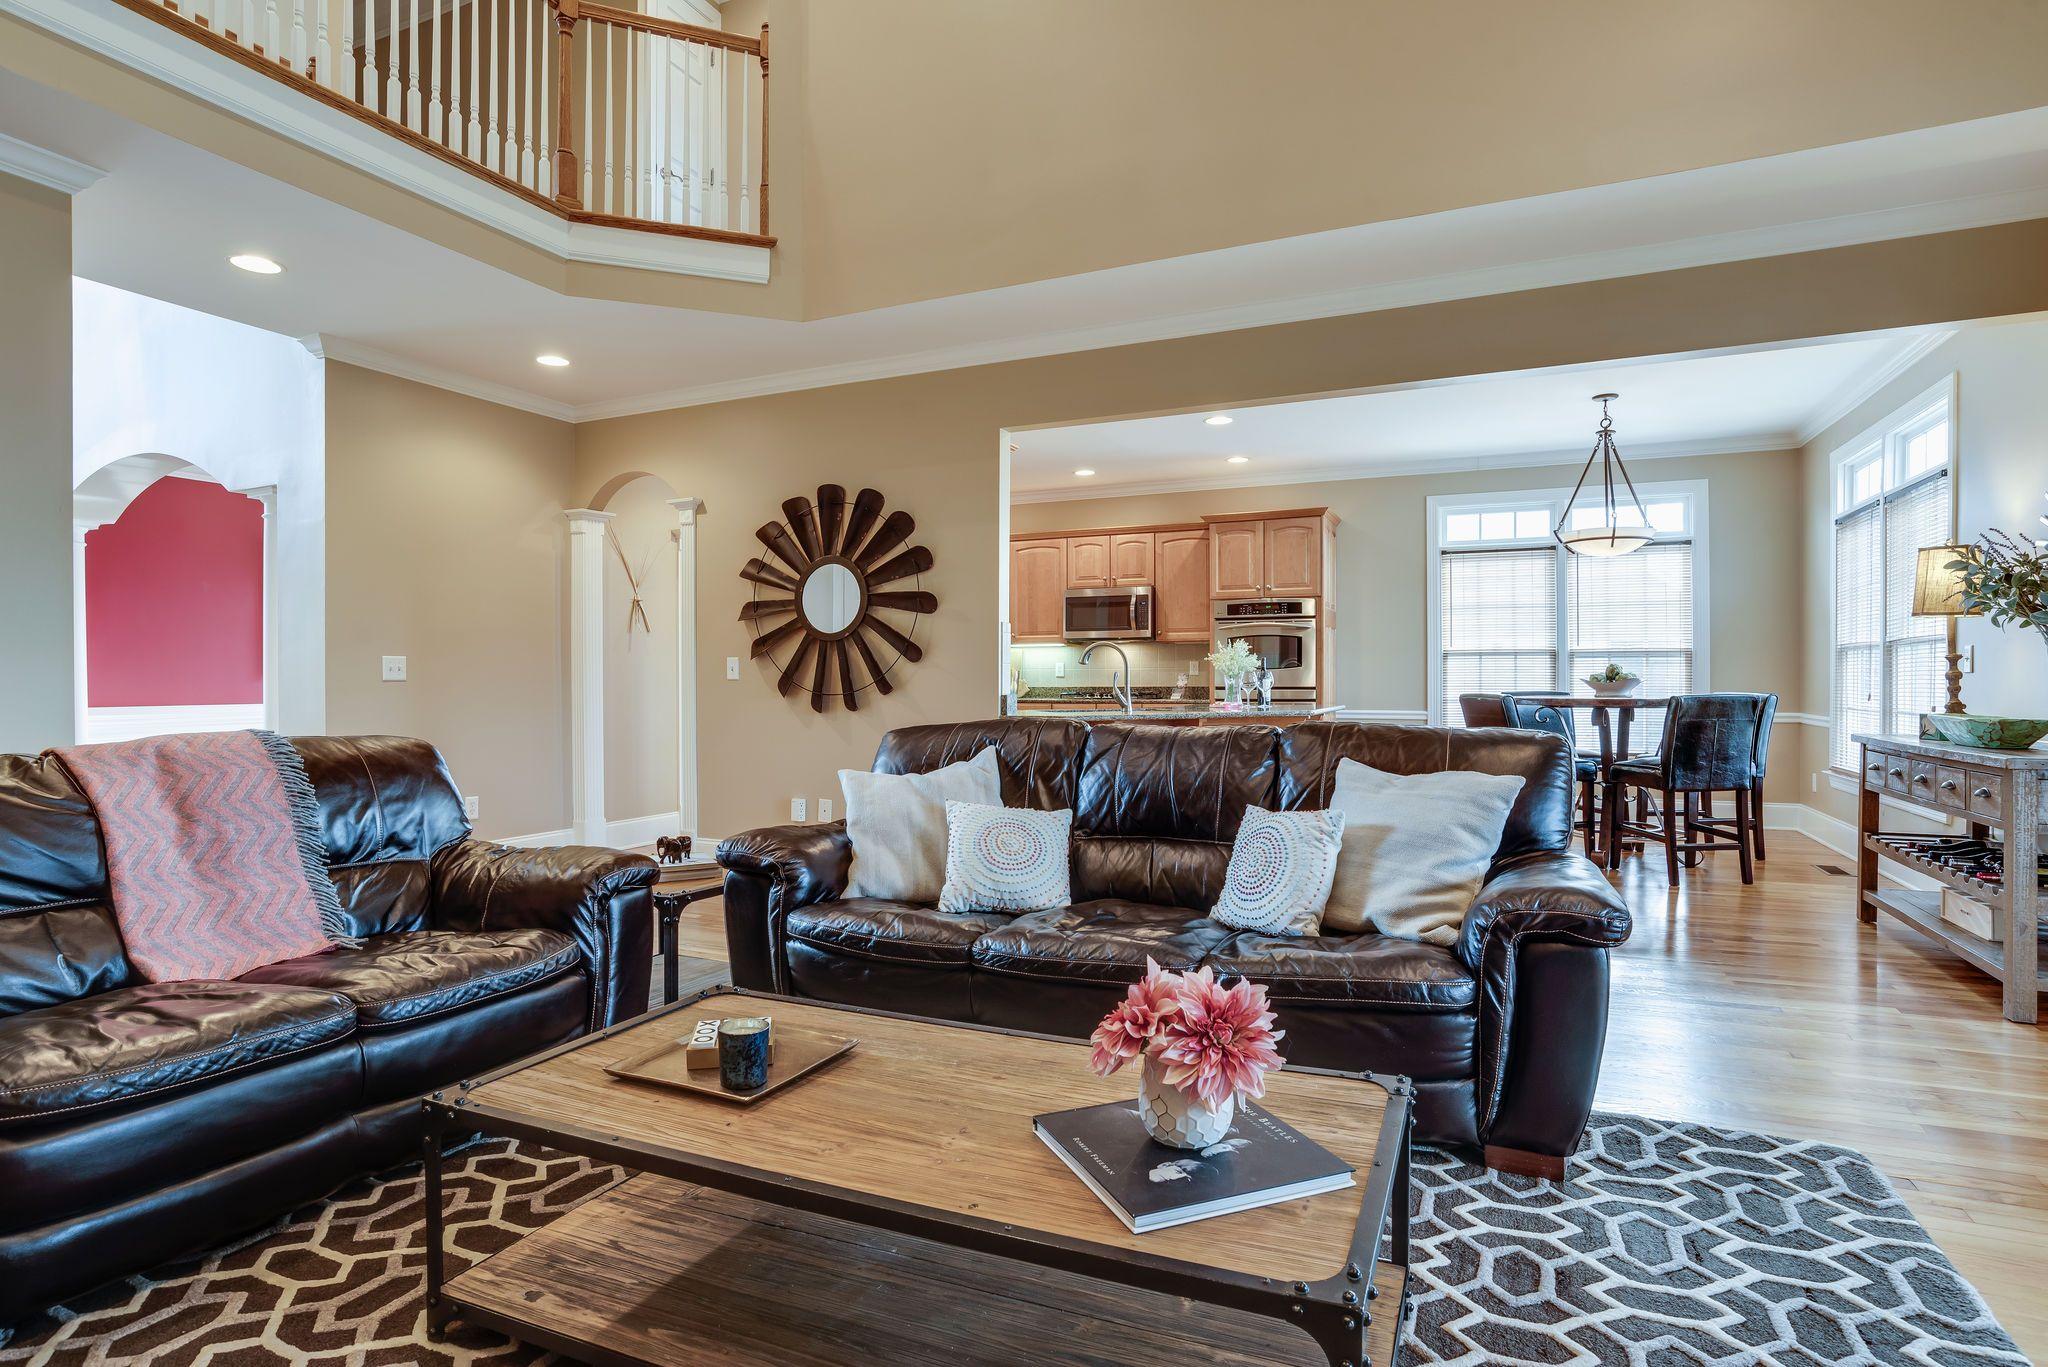 405 Treeshore Ln Franklin Tn 37027 Franklin Tn Home Decor Home